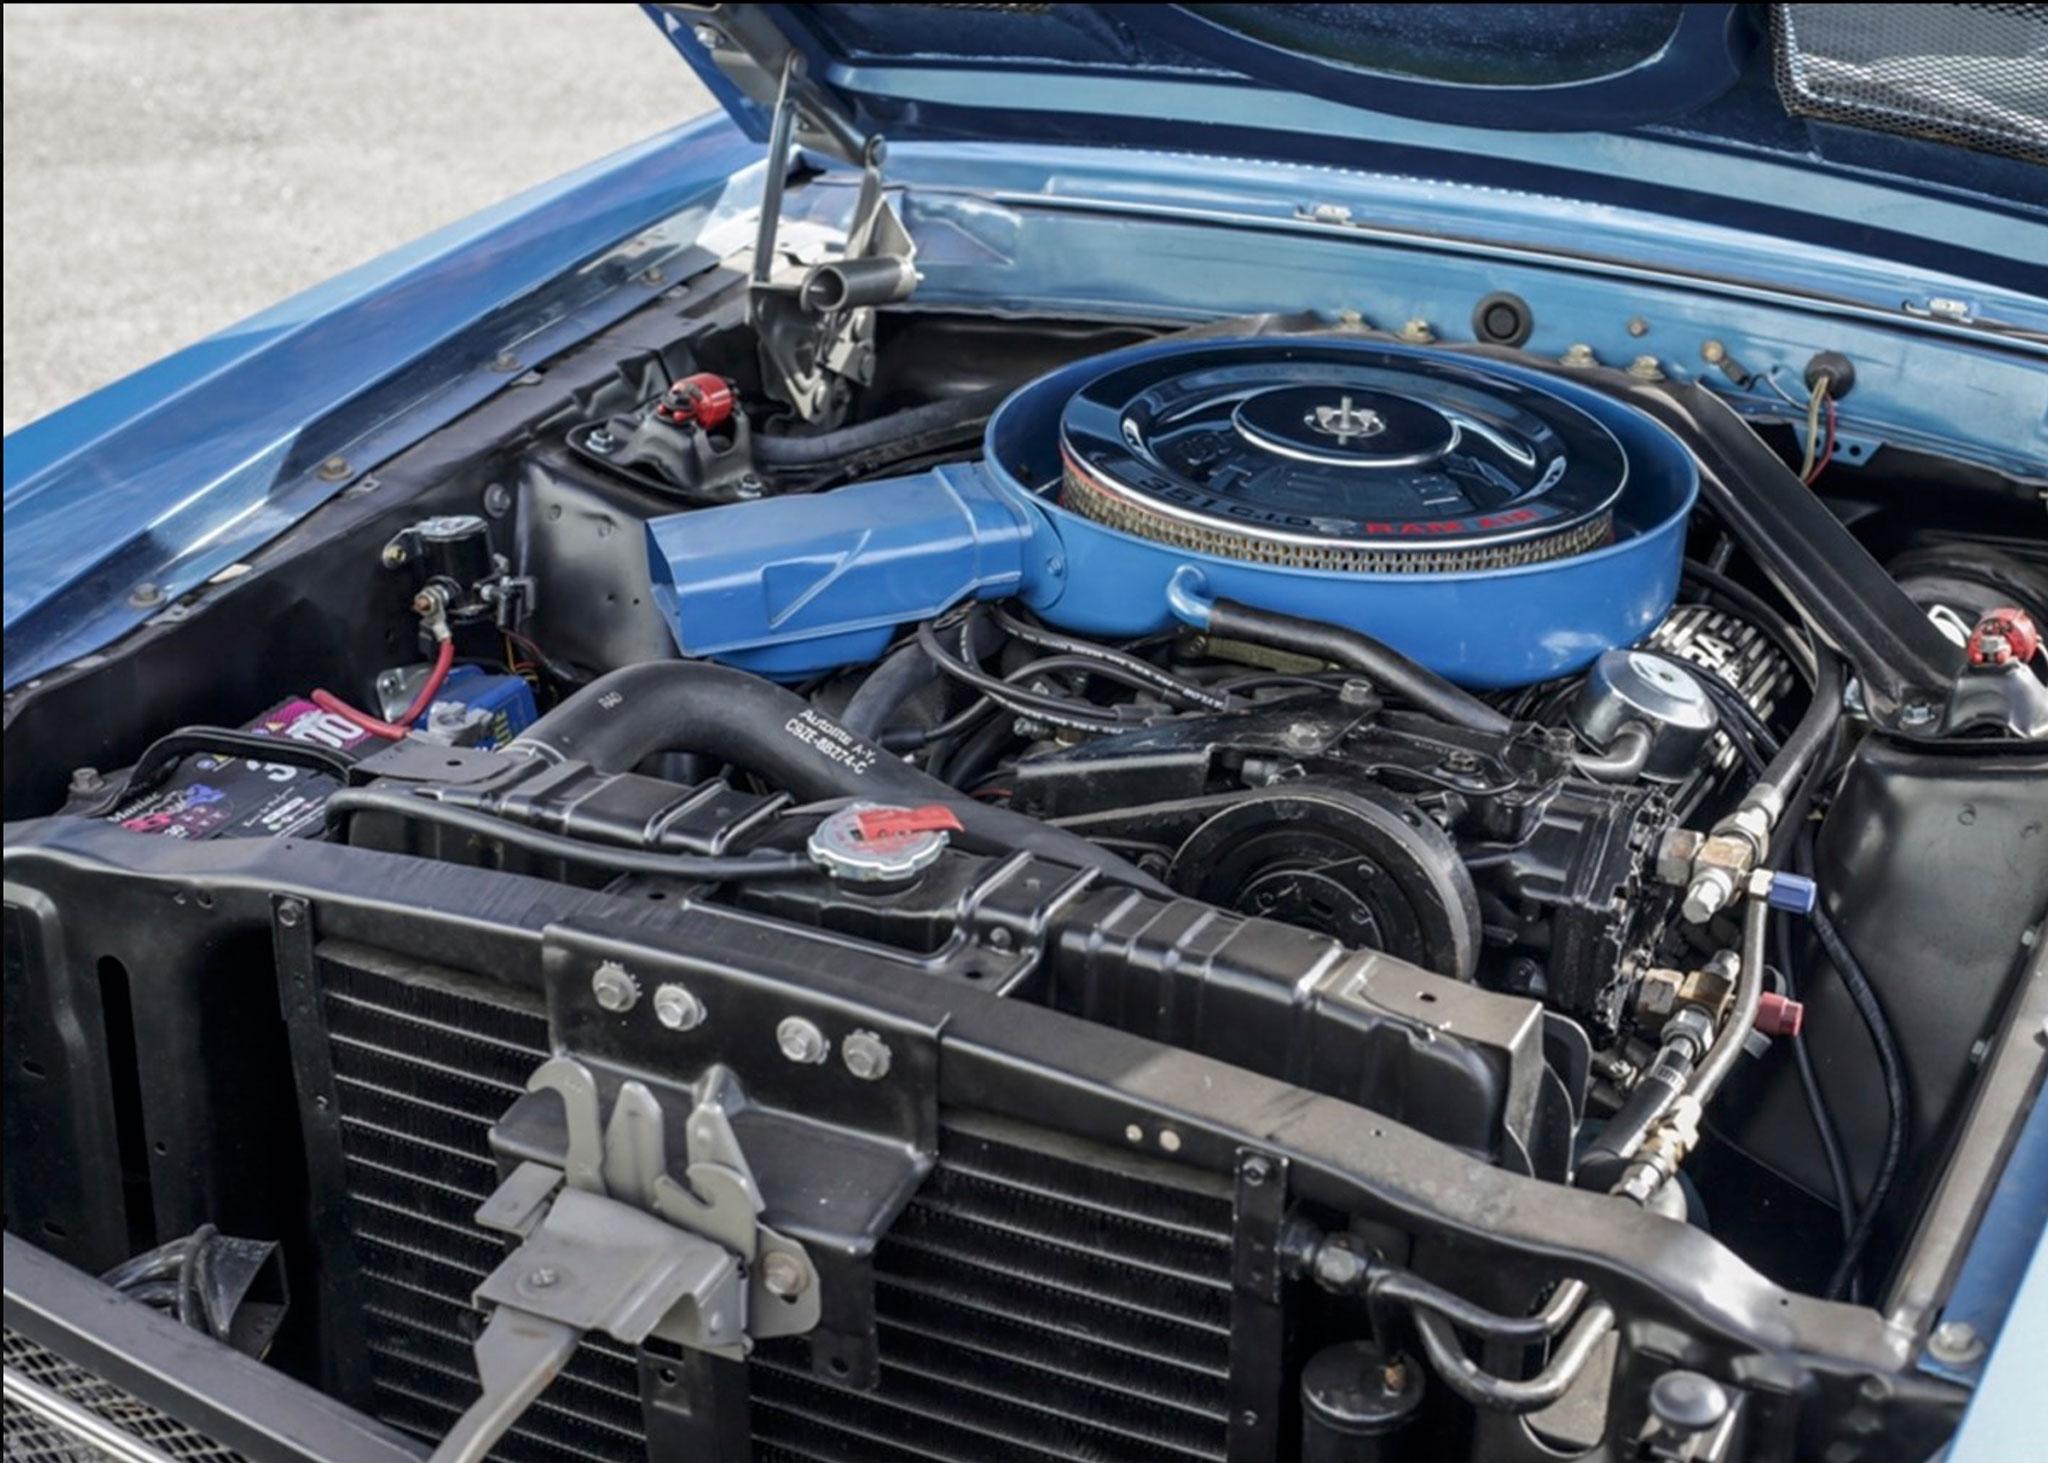 1969 Shelby GT350 Convertible moteur 351ci développant 290 chevaux - Coups de Coeur Historics Auctioneers.